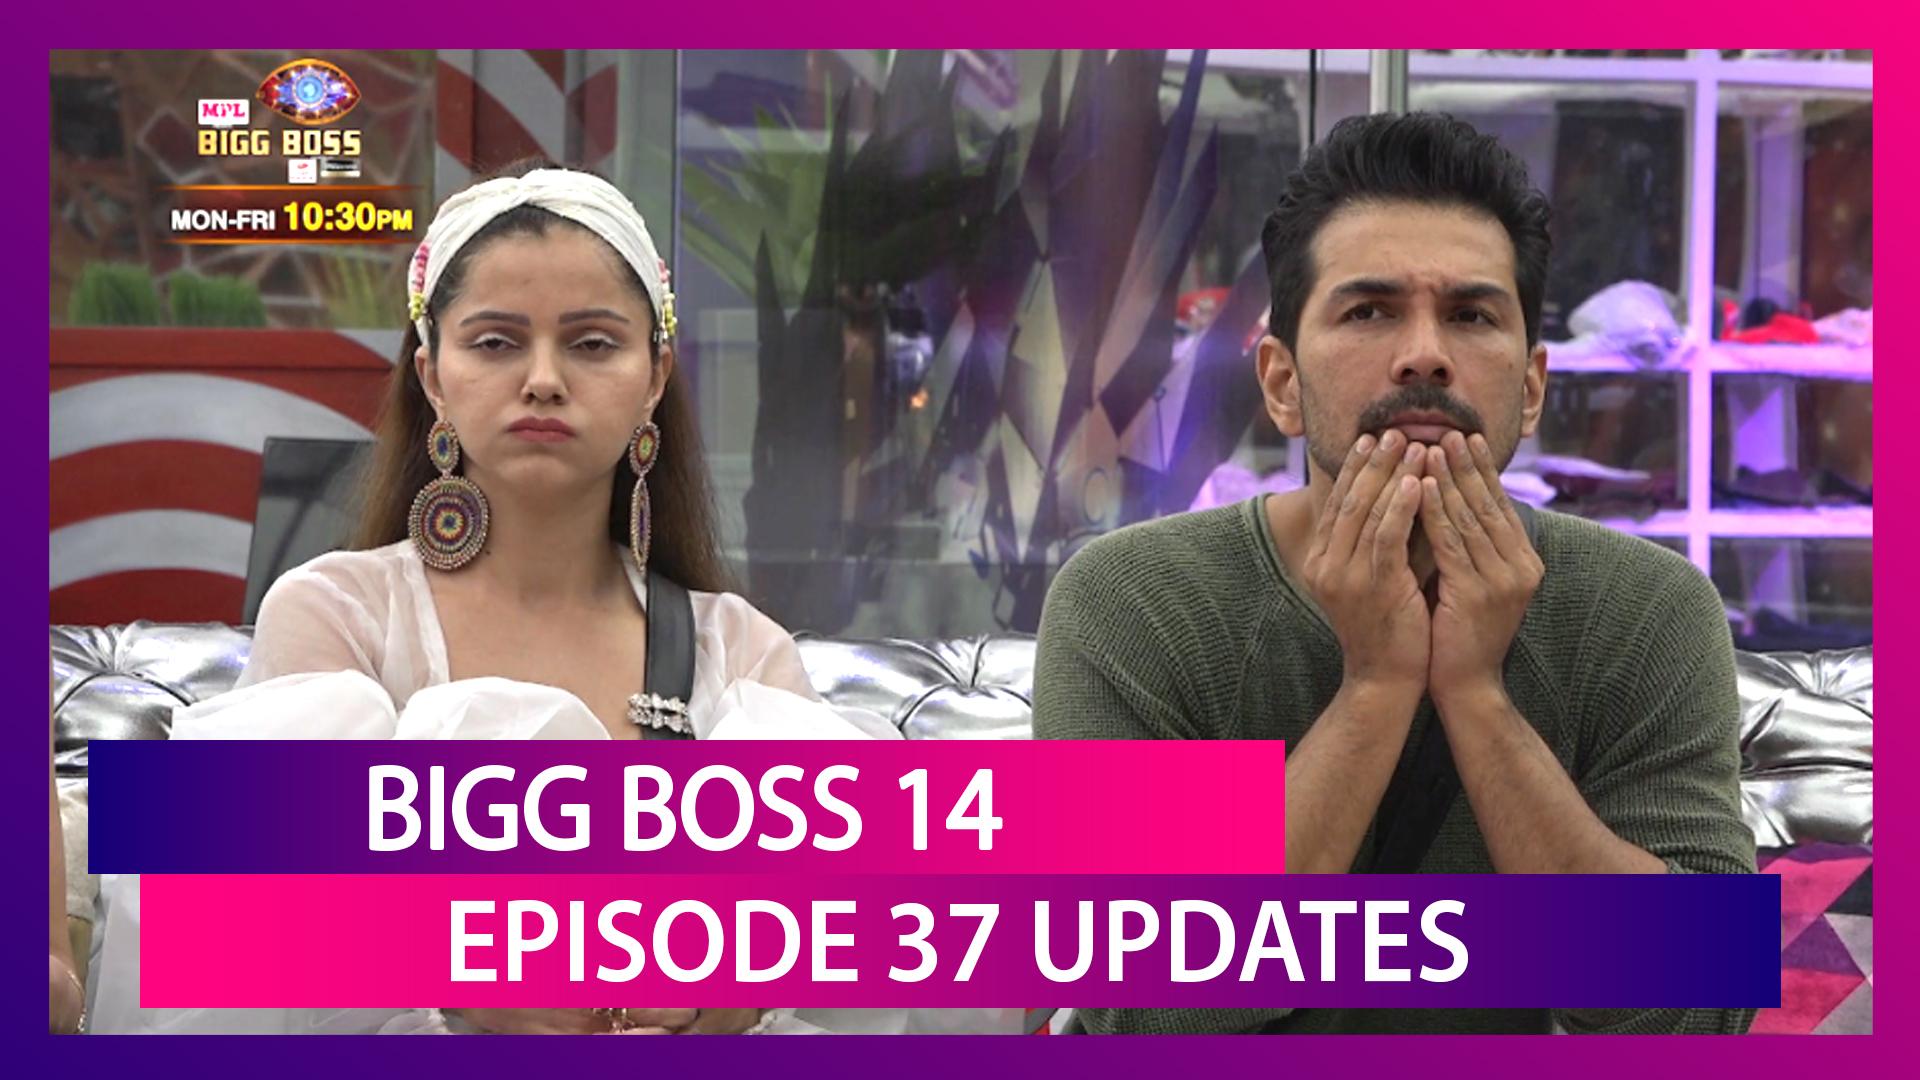 Bigg Boss 14 Ep 37 Updates | 24 Nov 2020: Rubina, Abhinav, Rahul, Jasmin, Pavitra, Aly Nominated